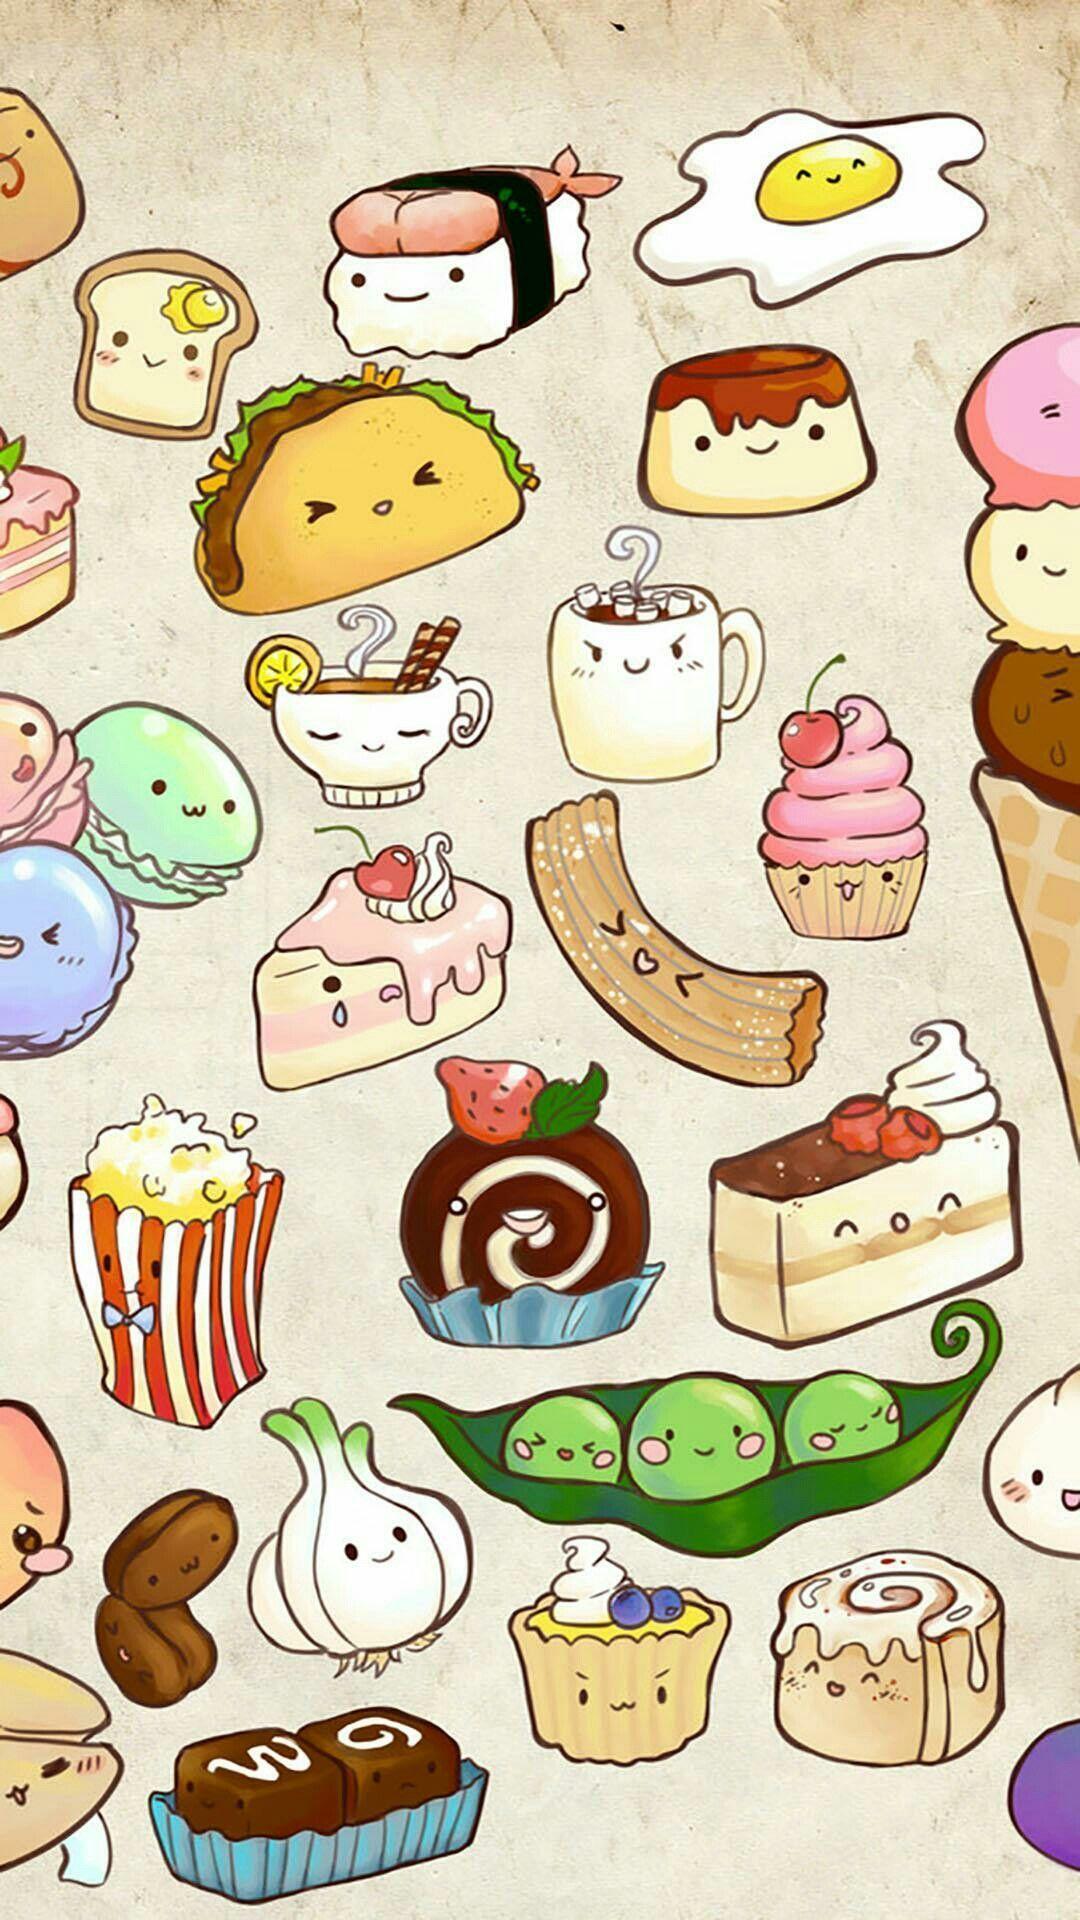 Cute Food Iphone Wallpapers Hupages Download Iphone Wallpapers Cute Food Wallpaper Food Wallpaper Cute Food Drawings